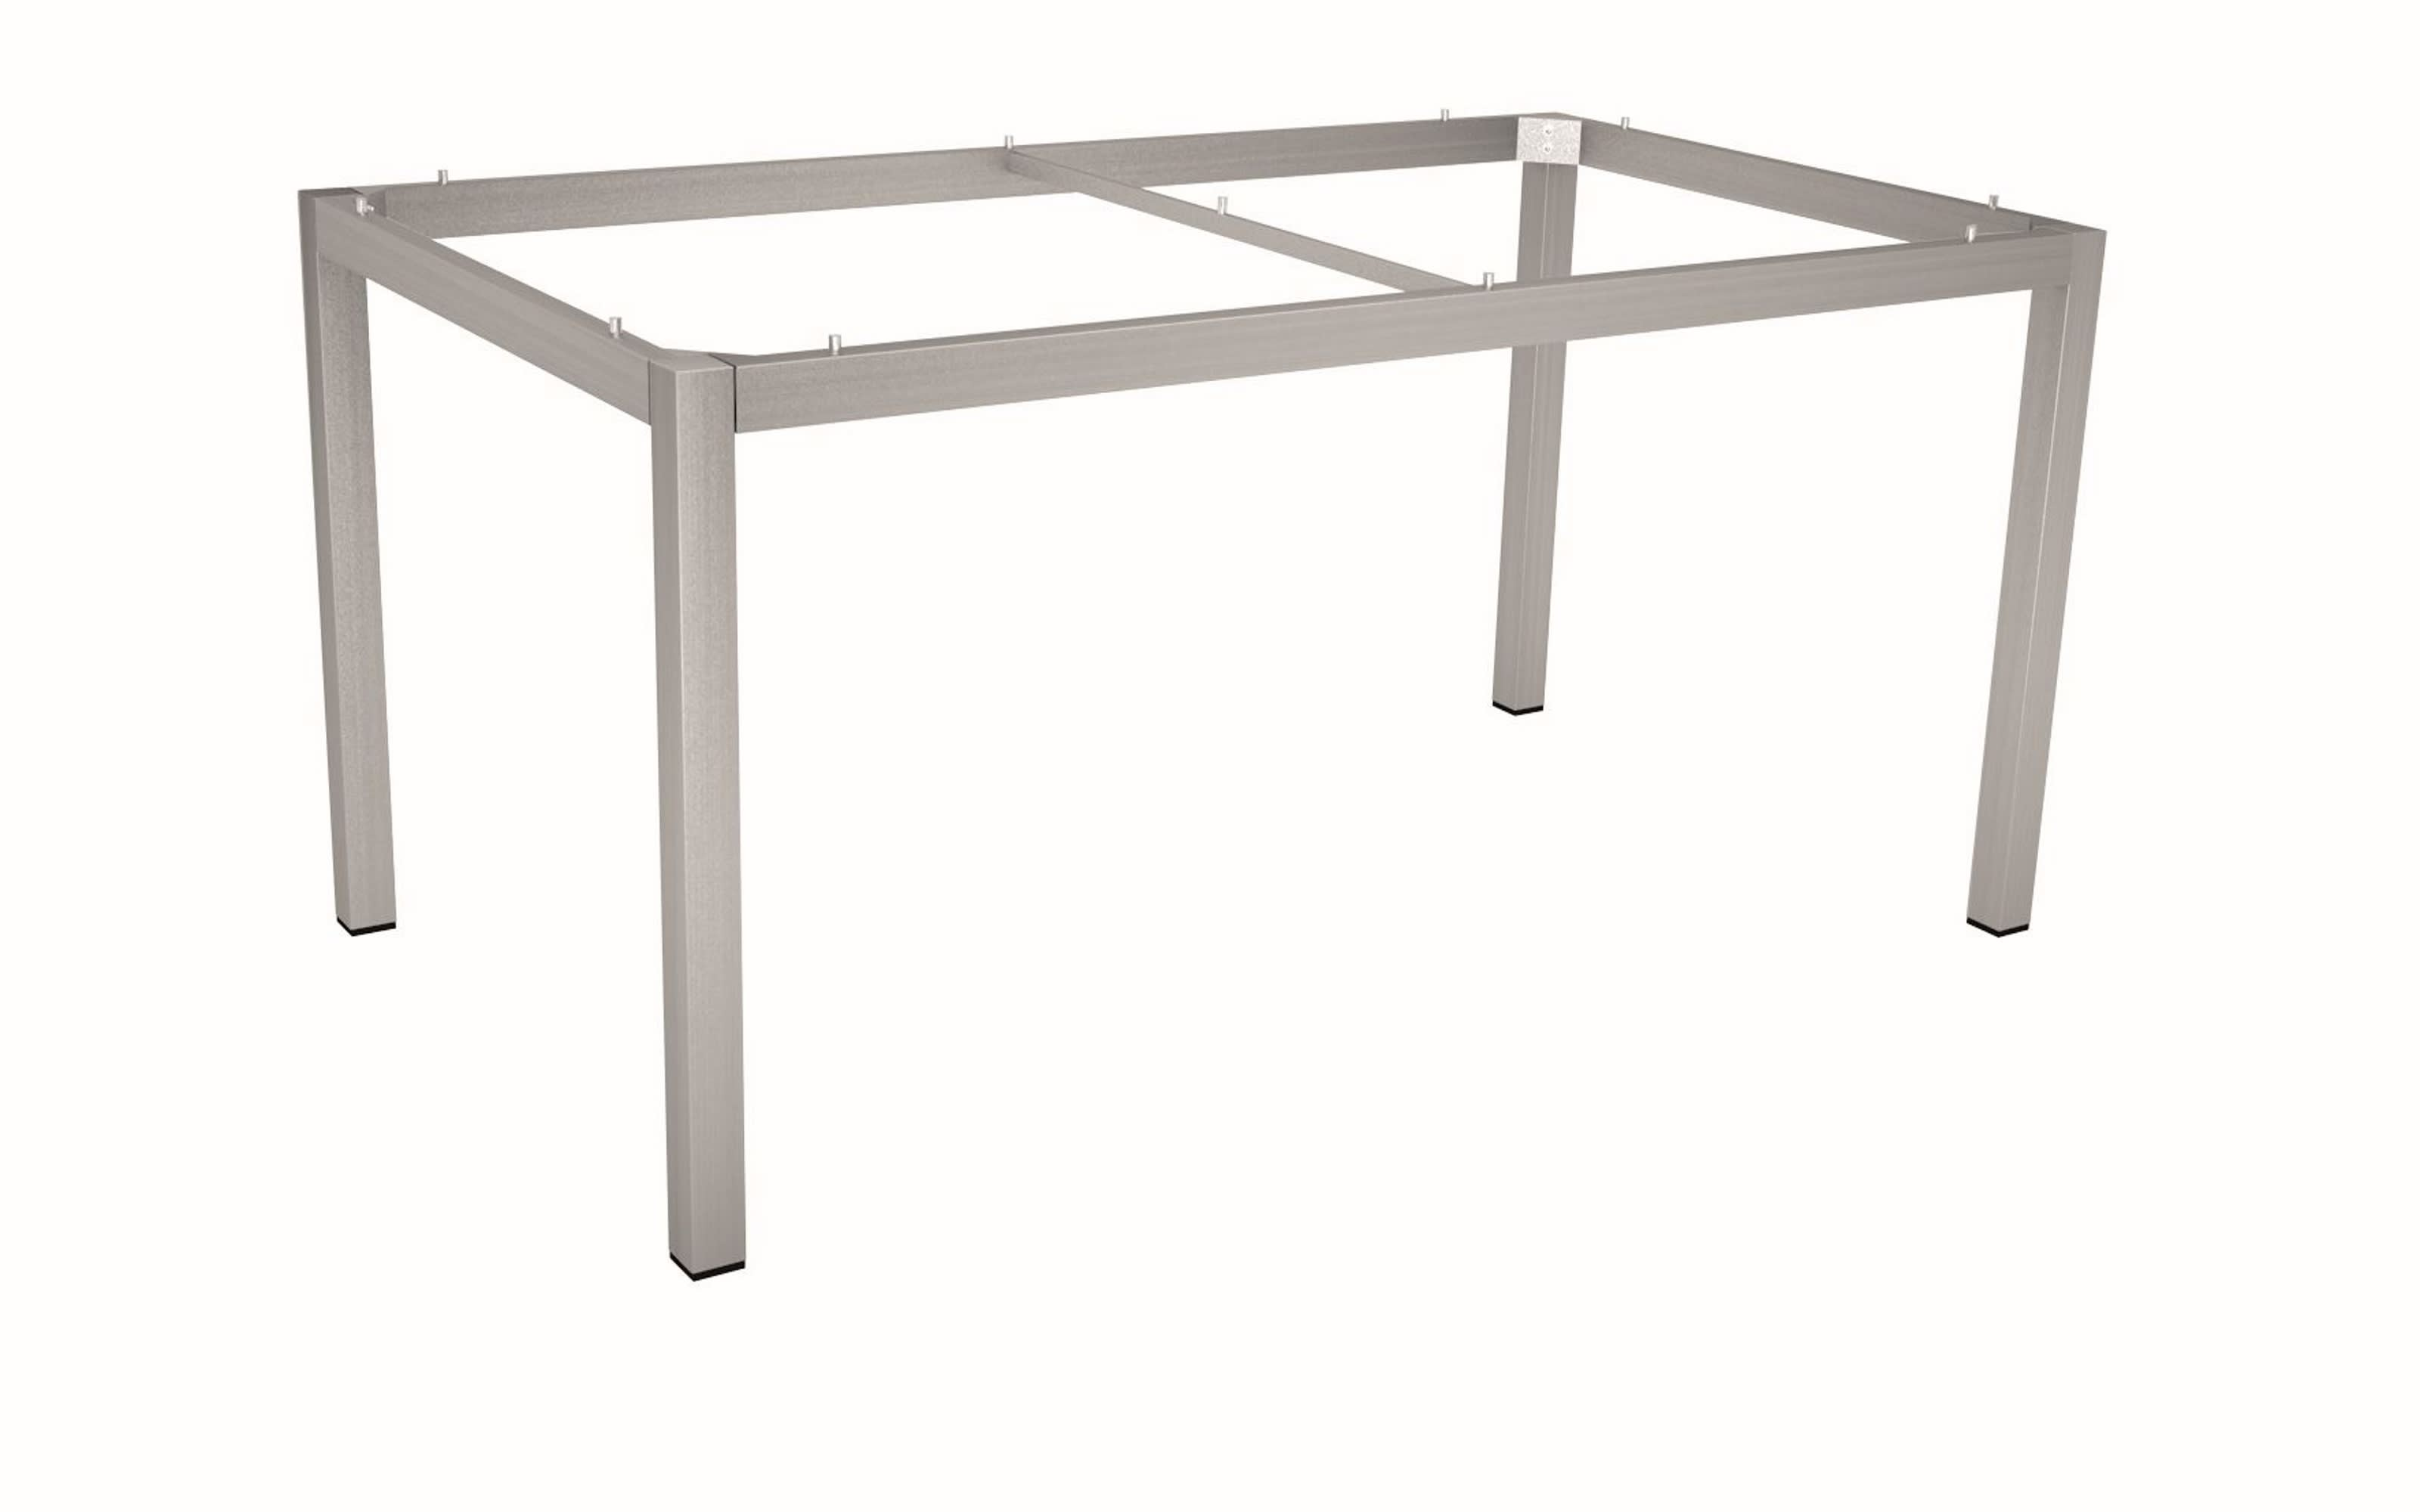 Gartentischgestell 101501 aus Edelstahl in silber